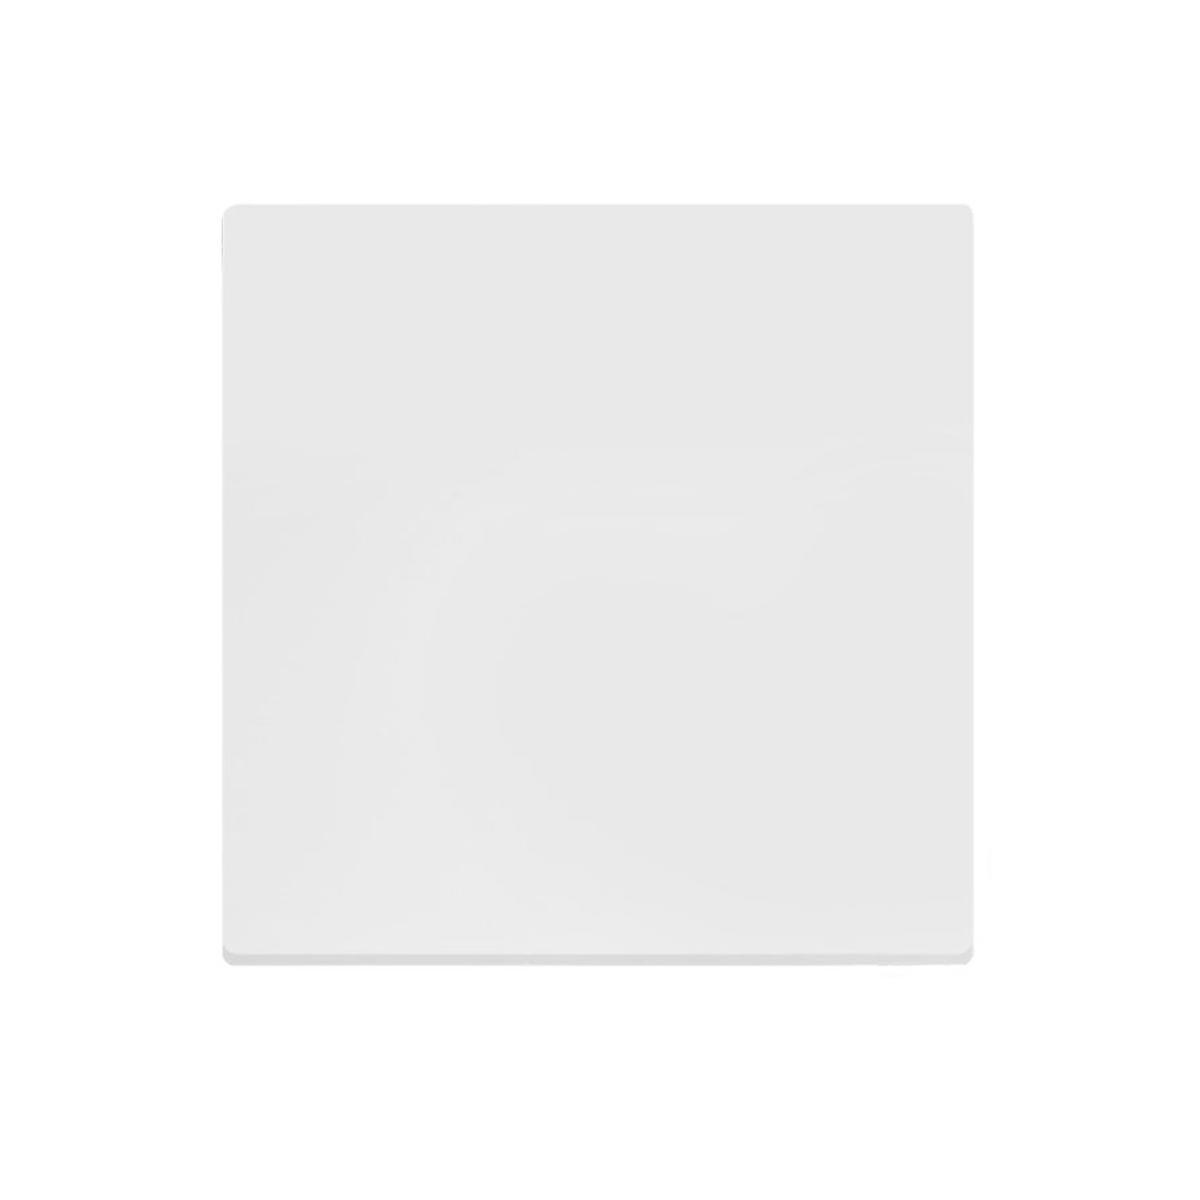 Tampo de Mesa Quadrado Branco Chanfrado 90cm